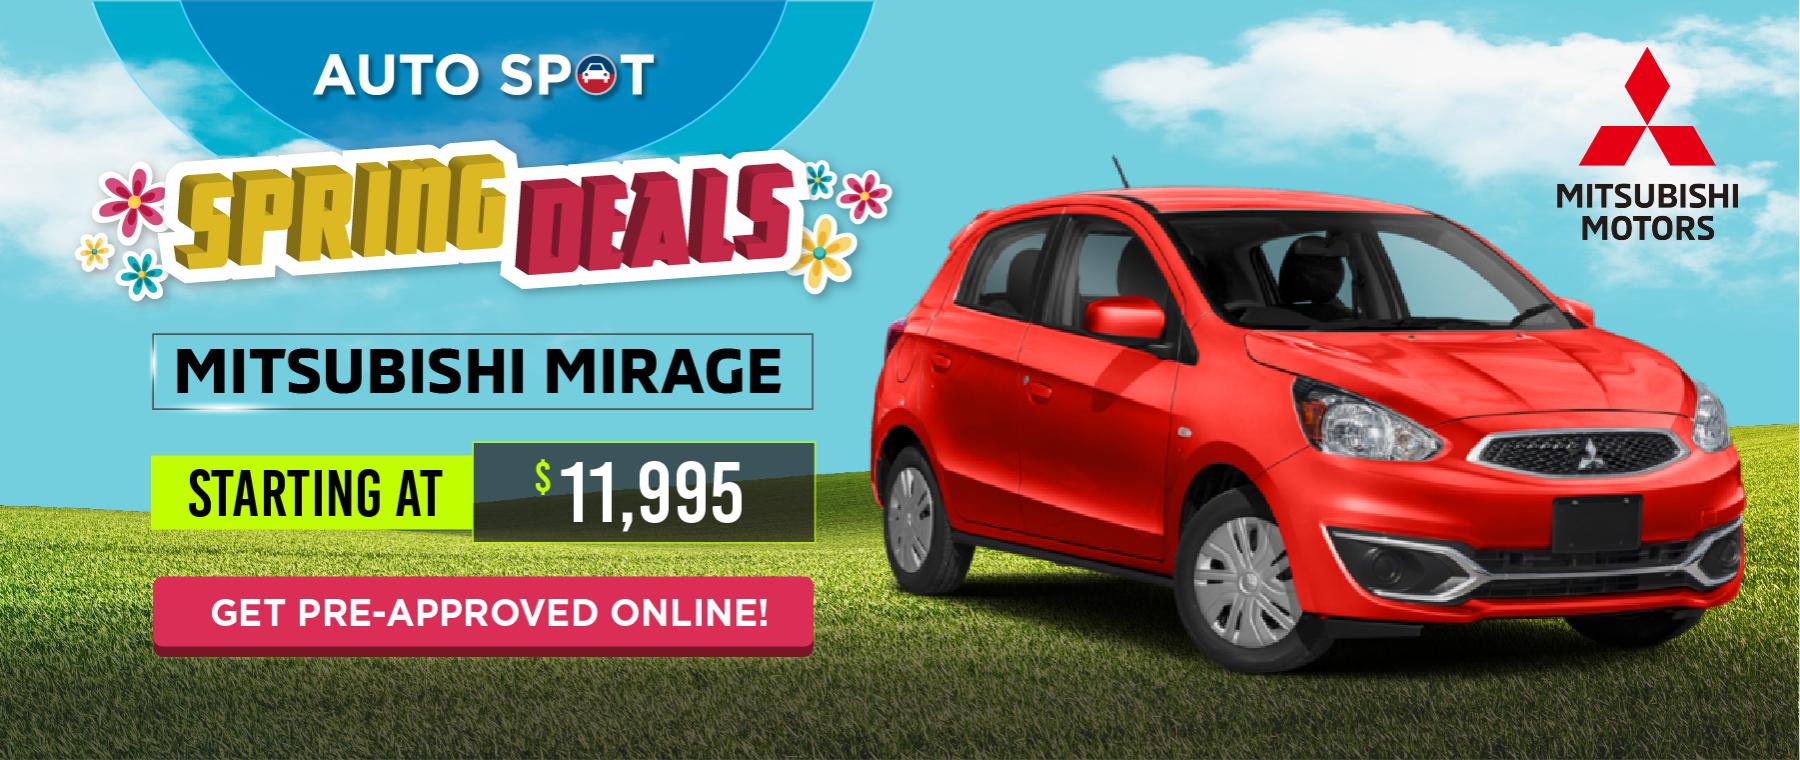 Mitsubishi Spring Ads_Website Banner